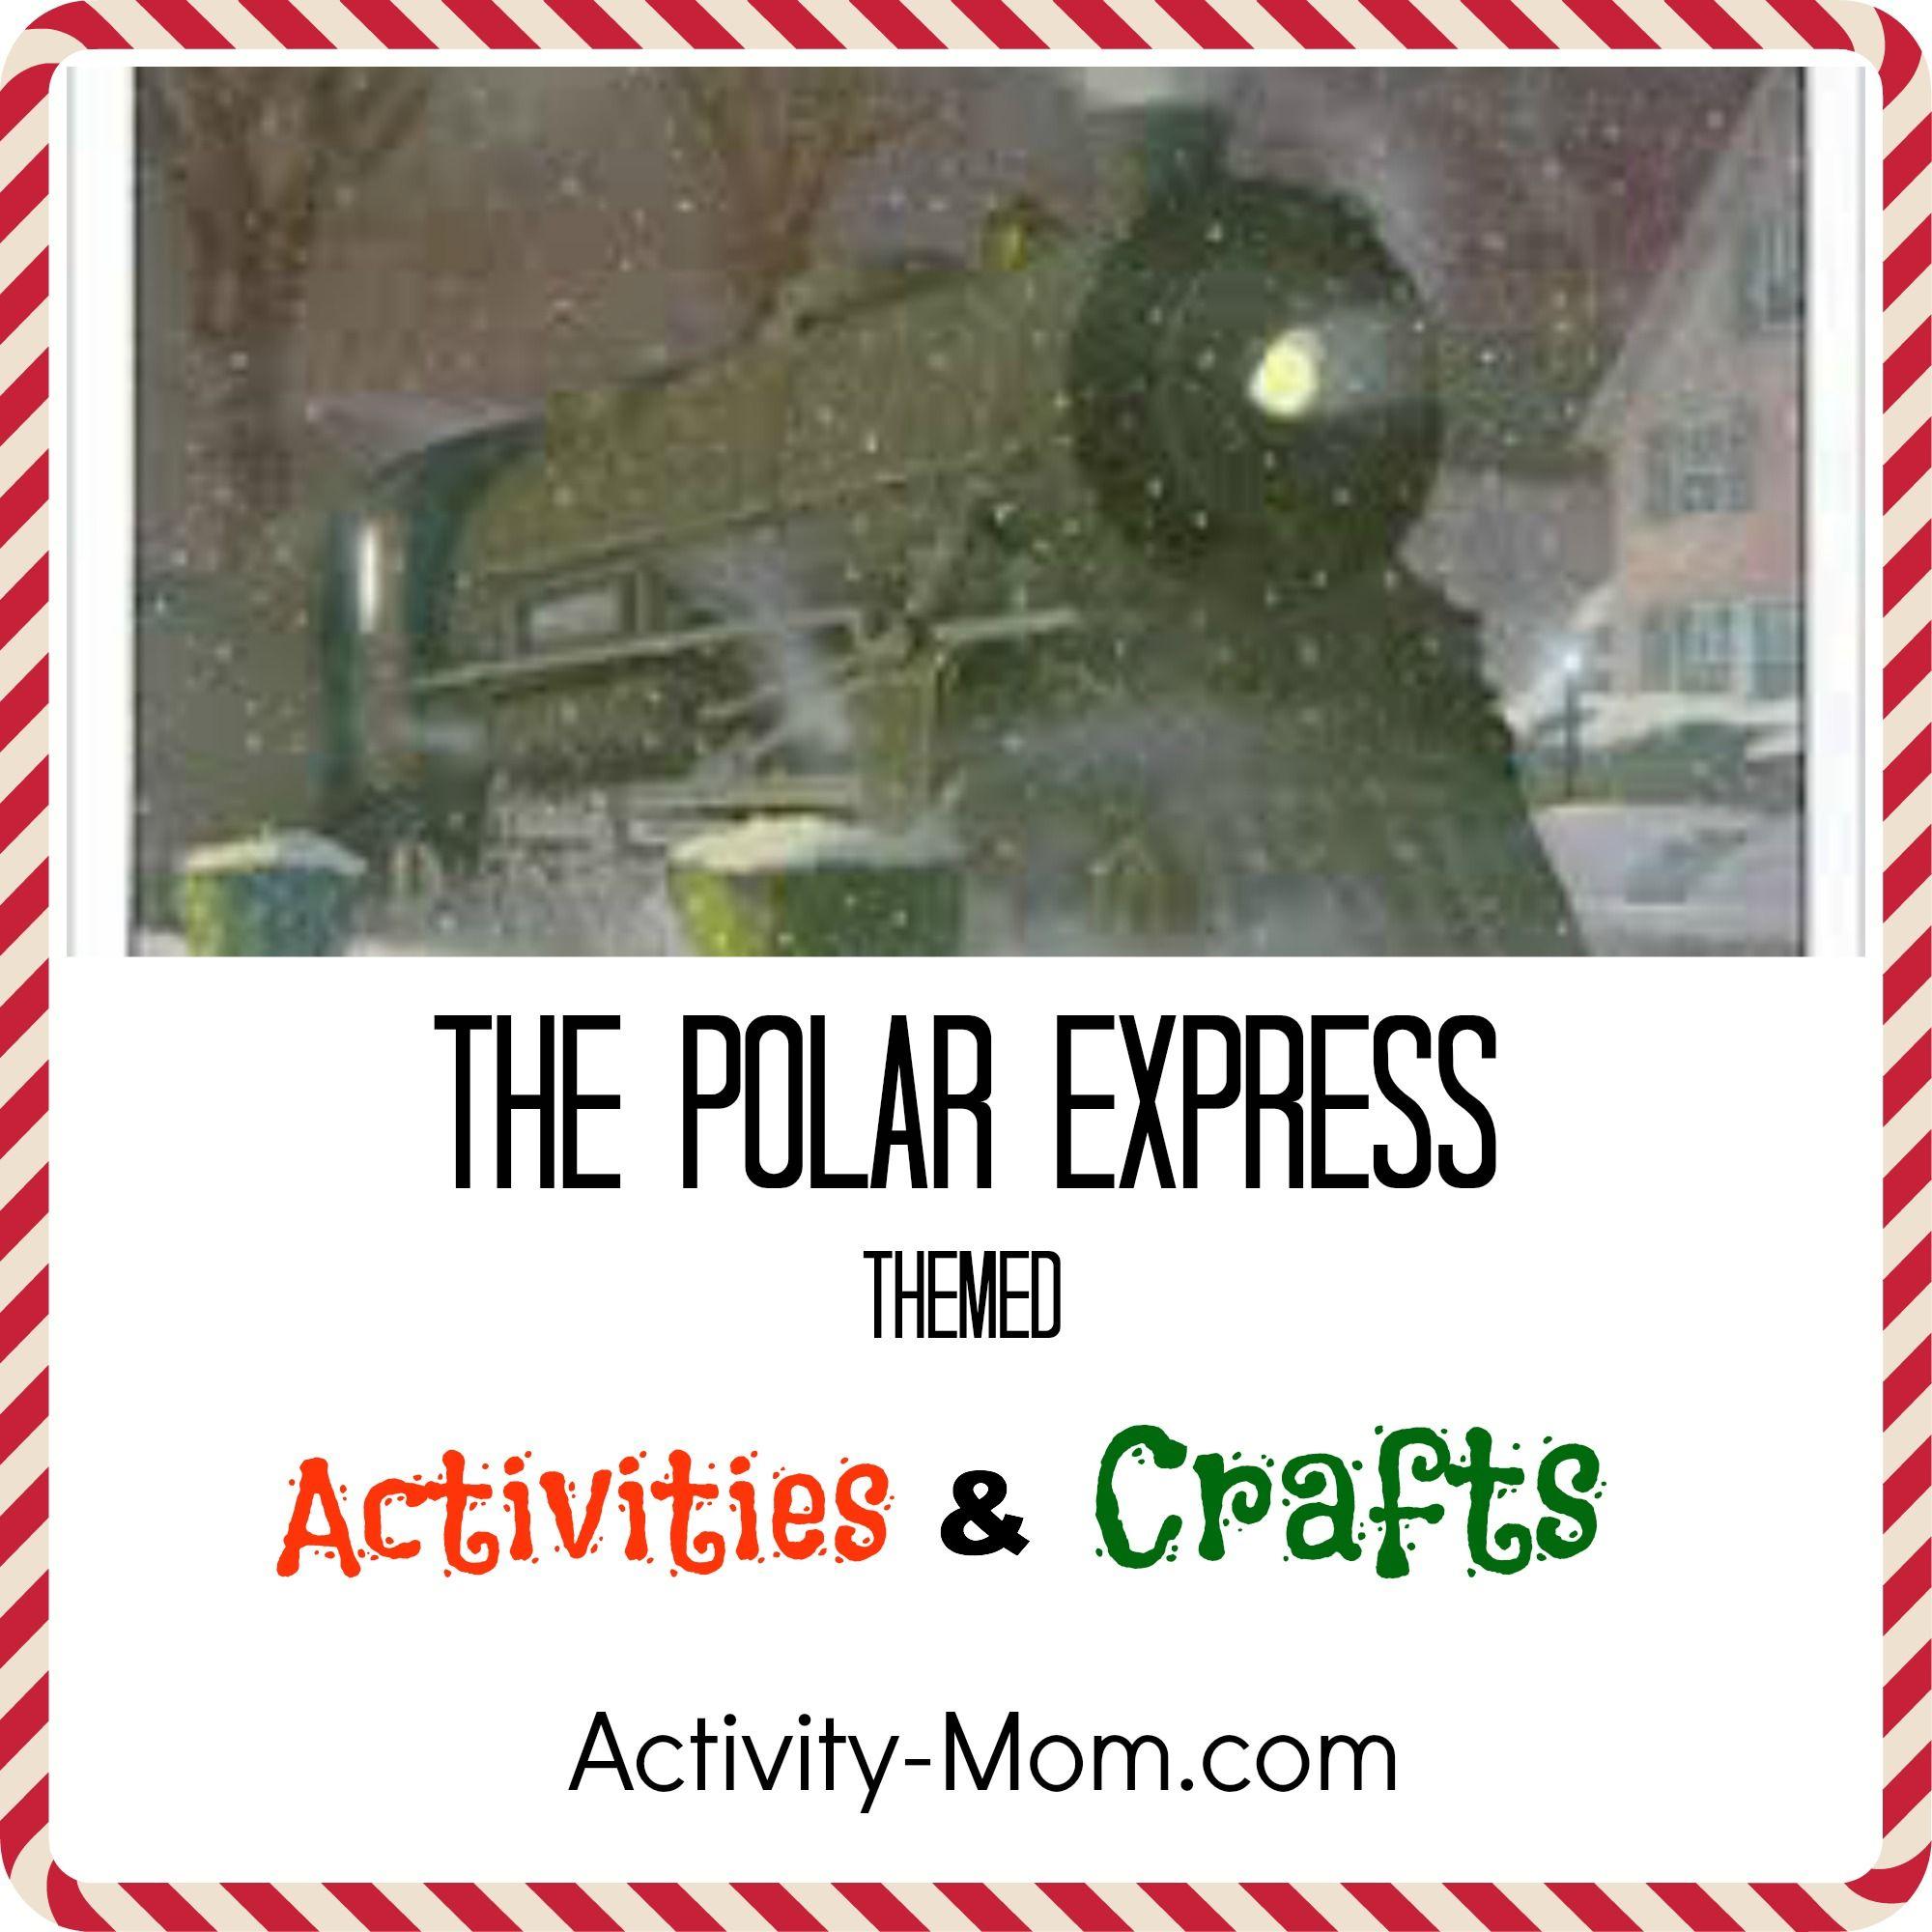 Polar Express Themed Activities